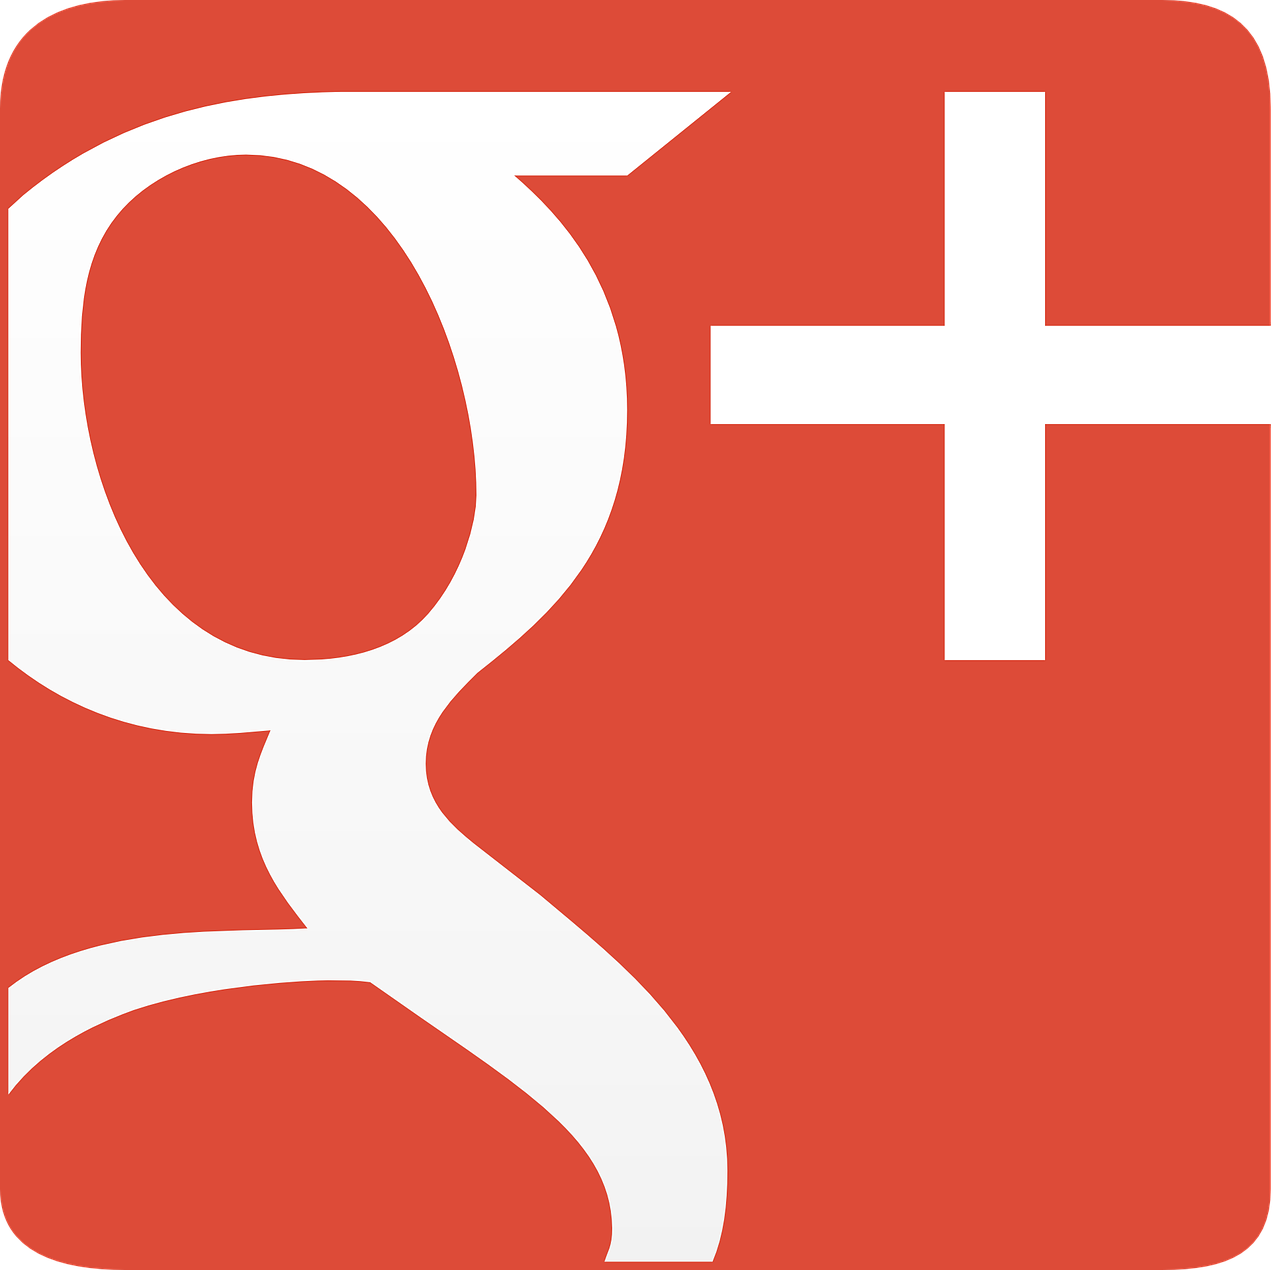 Agentur in Freiburg für Google+ Werbung, Donaueschingen, Villingen-Schwenningen, Lahr